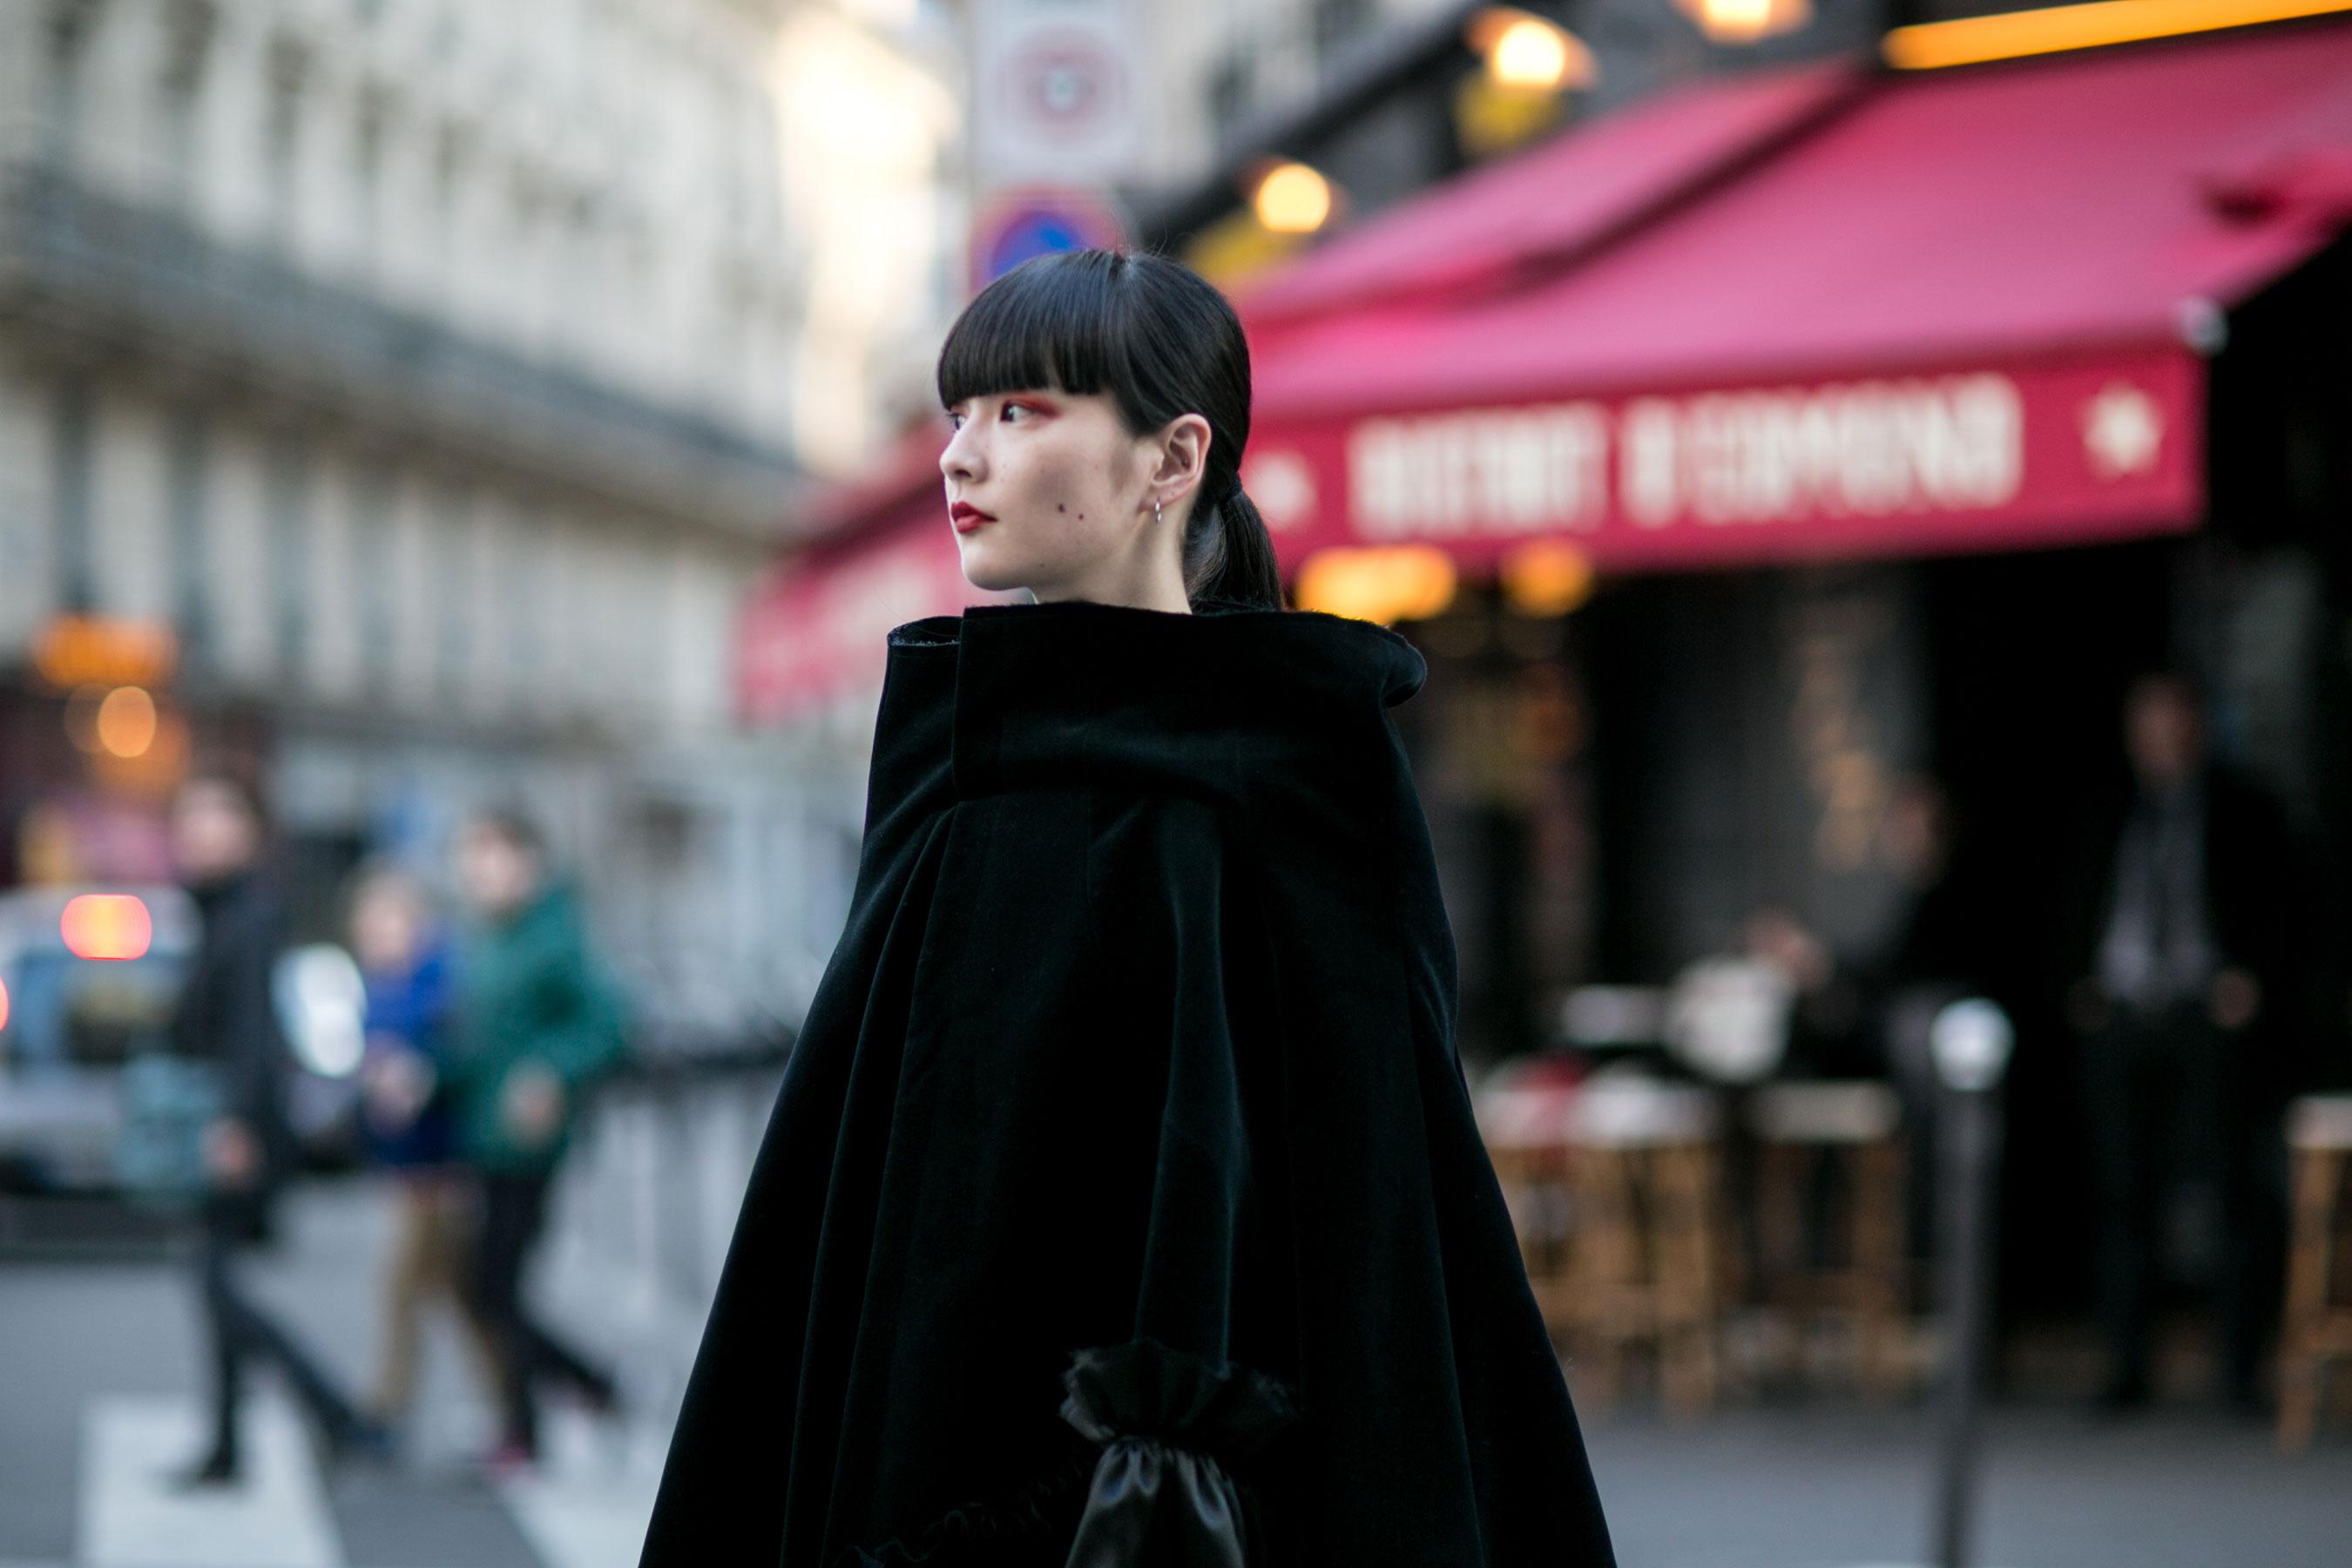 paris-str-rf16-3985